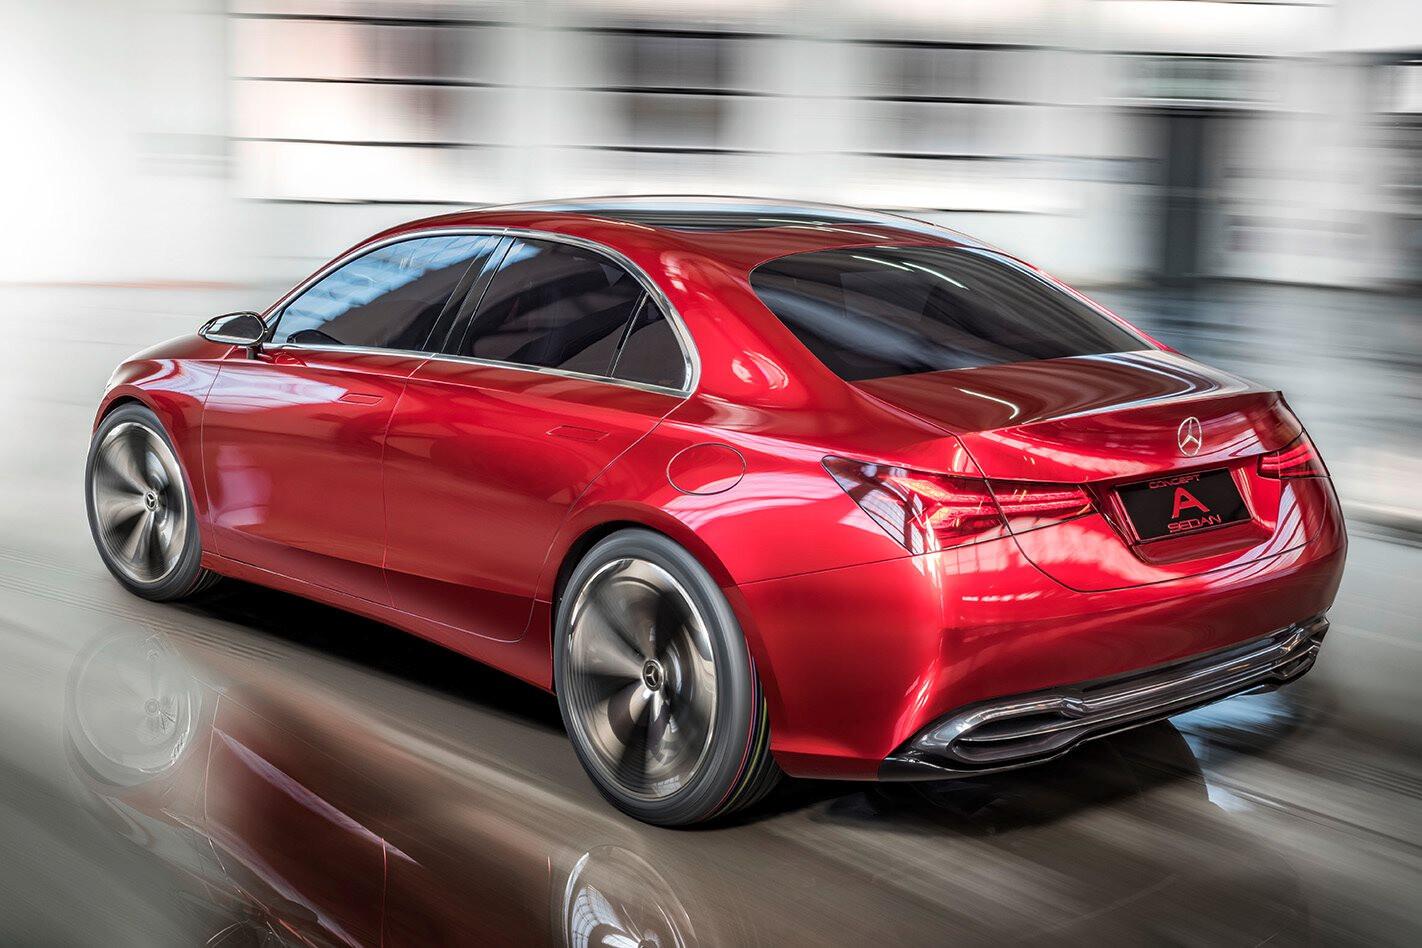 Mercedes Benz Concept A rear action